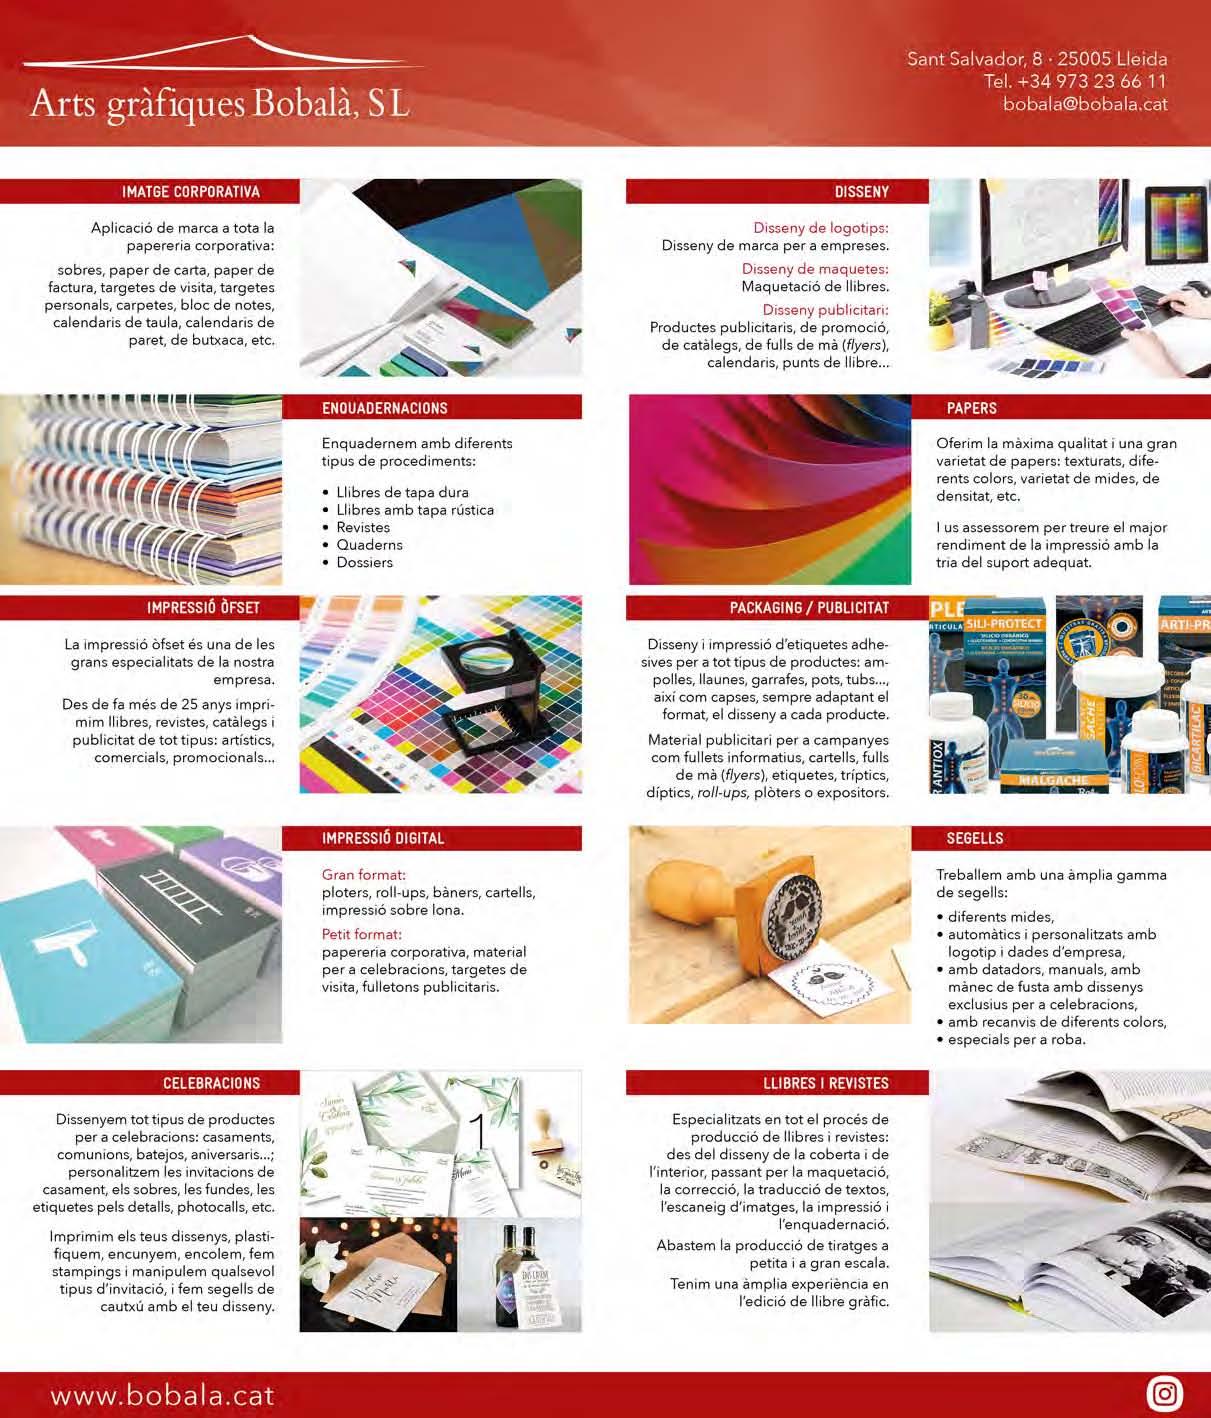 Arts Gràfiques Bobalà ofereix solucions de disseny gràfic i imprena totalment personalitzats per a empreses i particulars